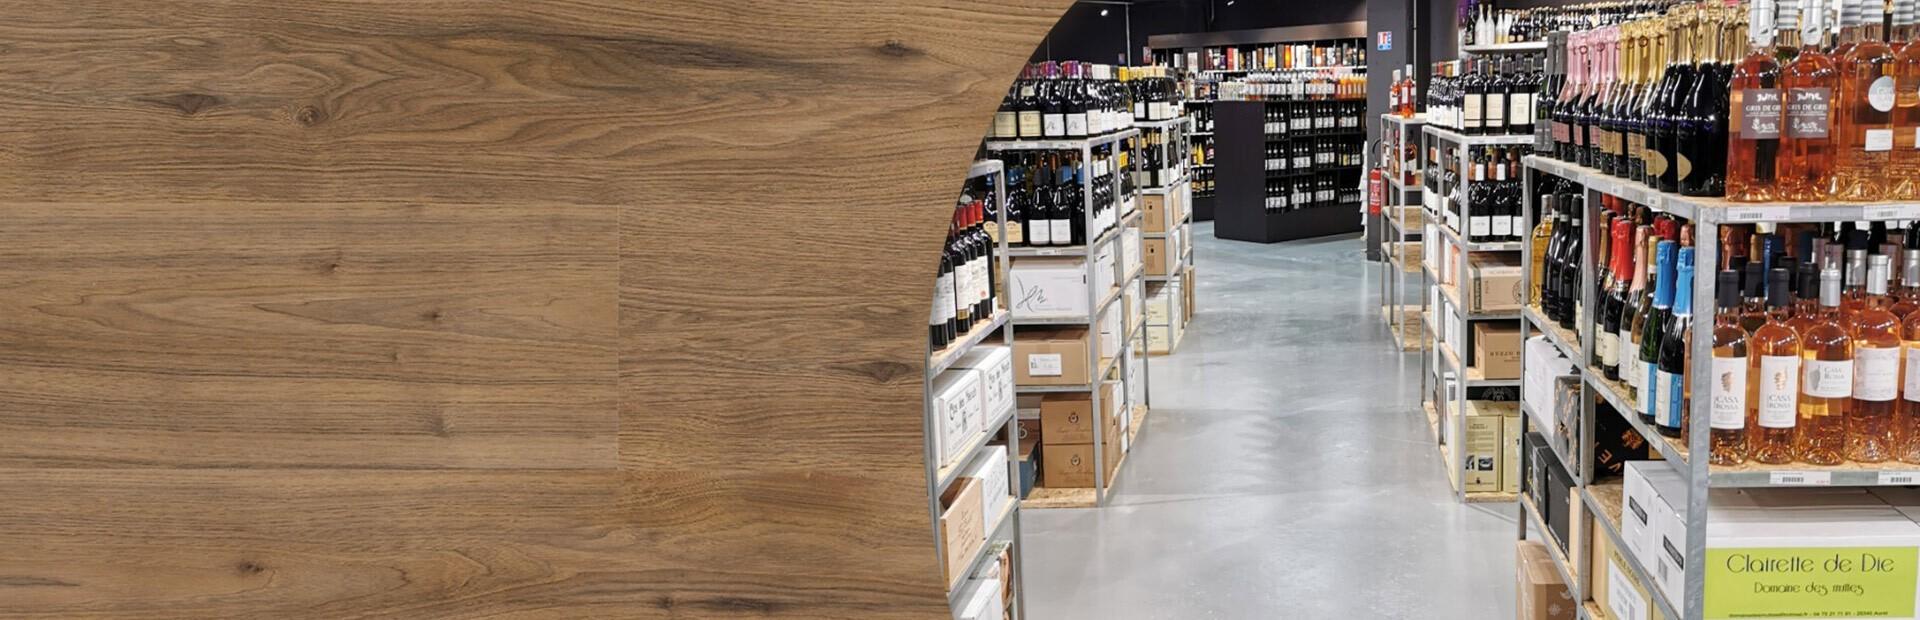 Plus de 1000 spiritueux, plus de 500 vins, plus de 400 bières et pleins d'autres choses sélectionnées avec passion